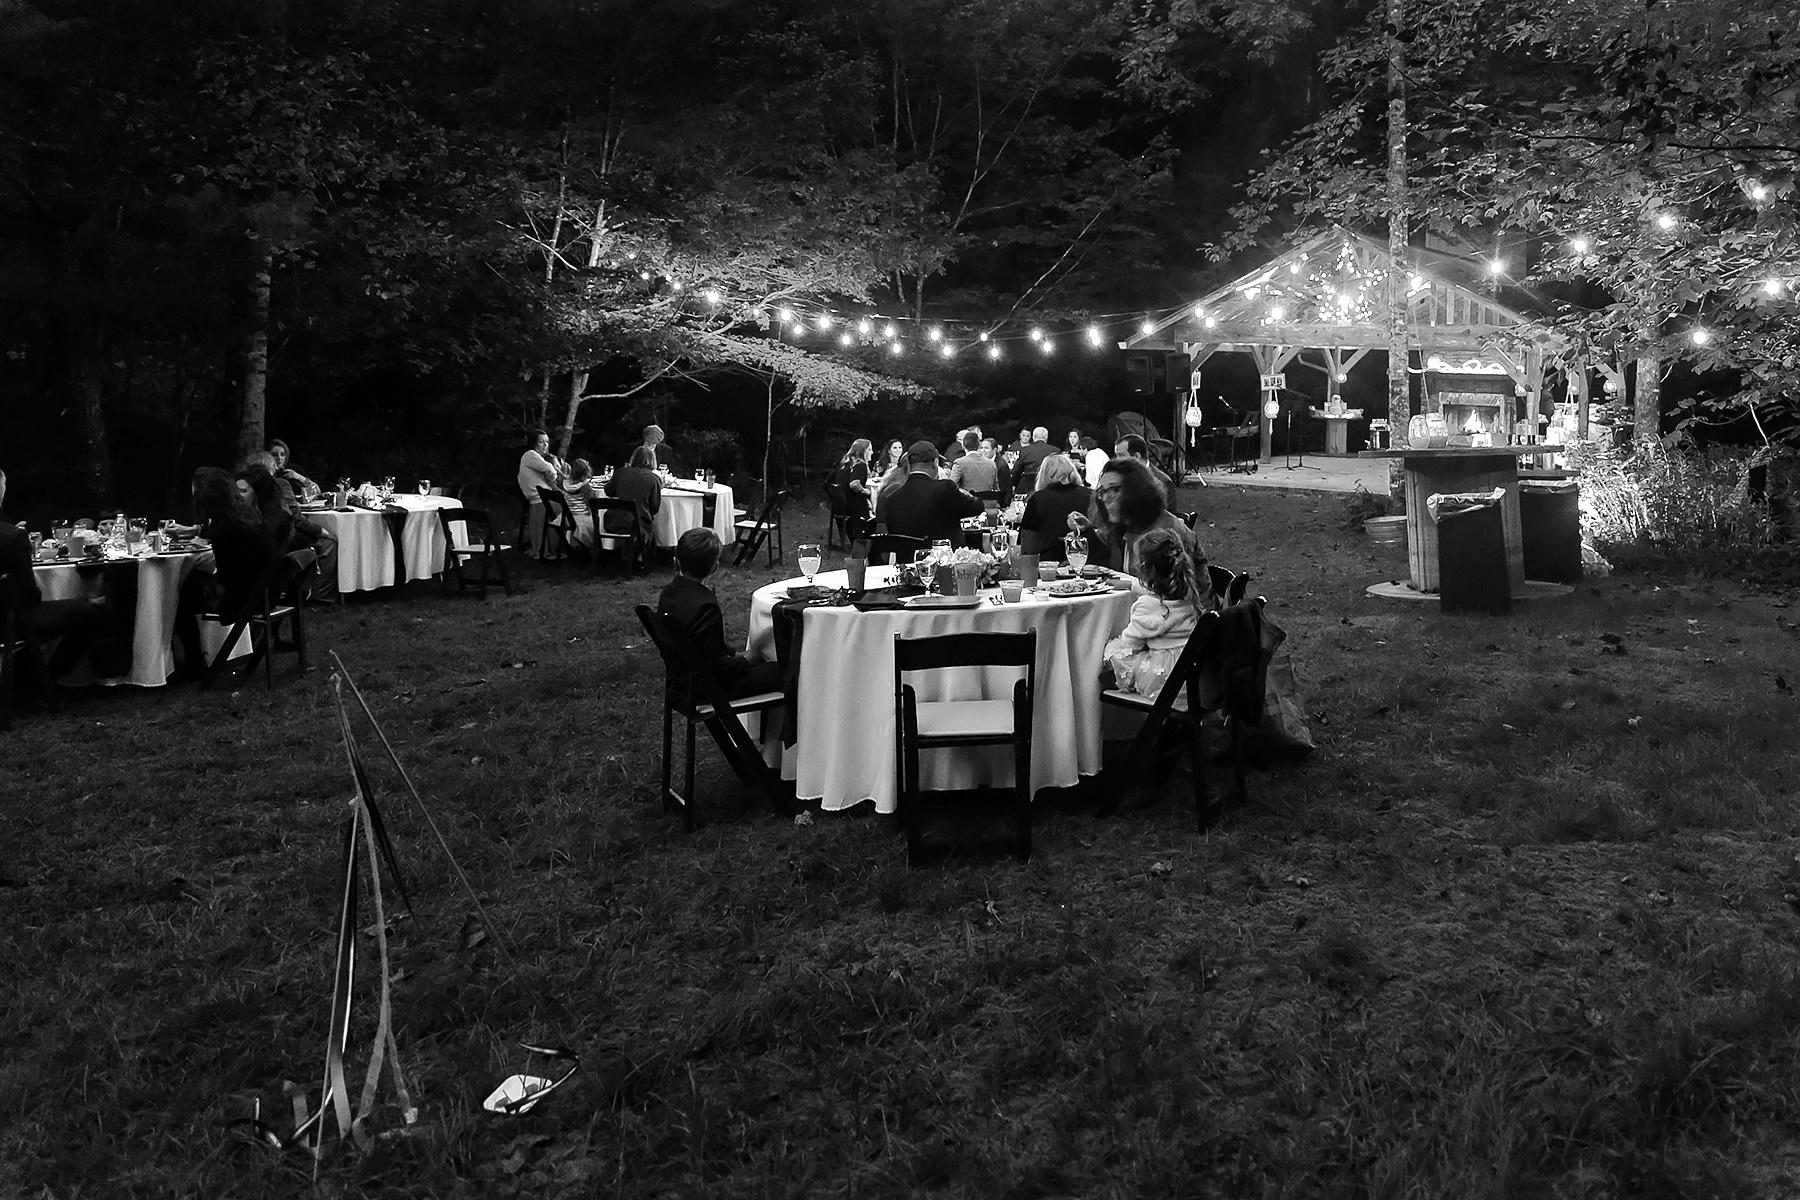 Fotografia di ricevimento di matrimonio GA | I tavoli sono stati allestiti per ospitare gruppi familiari